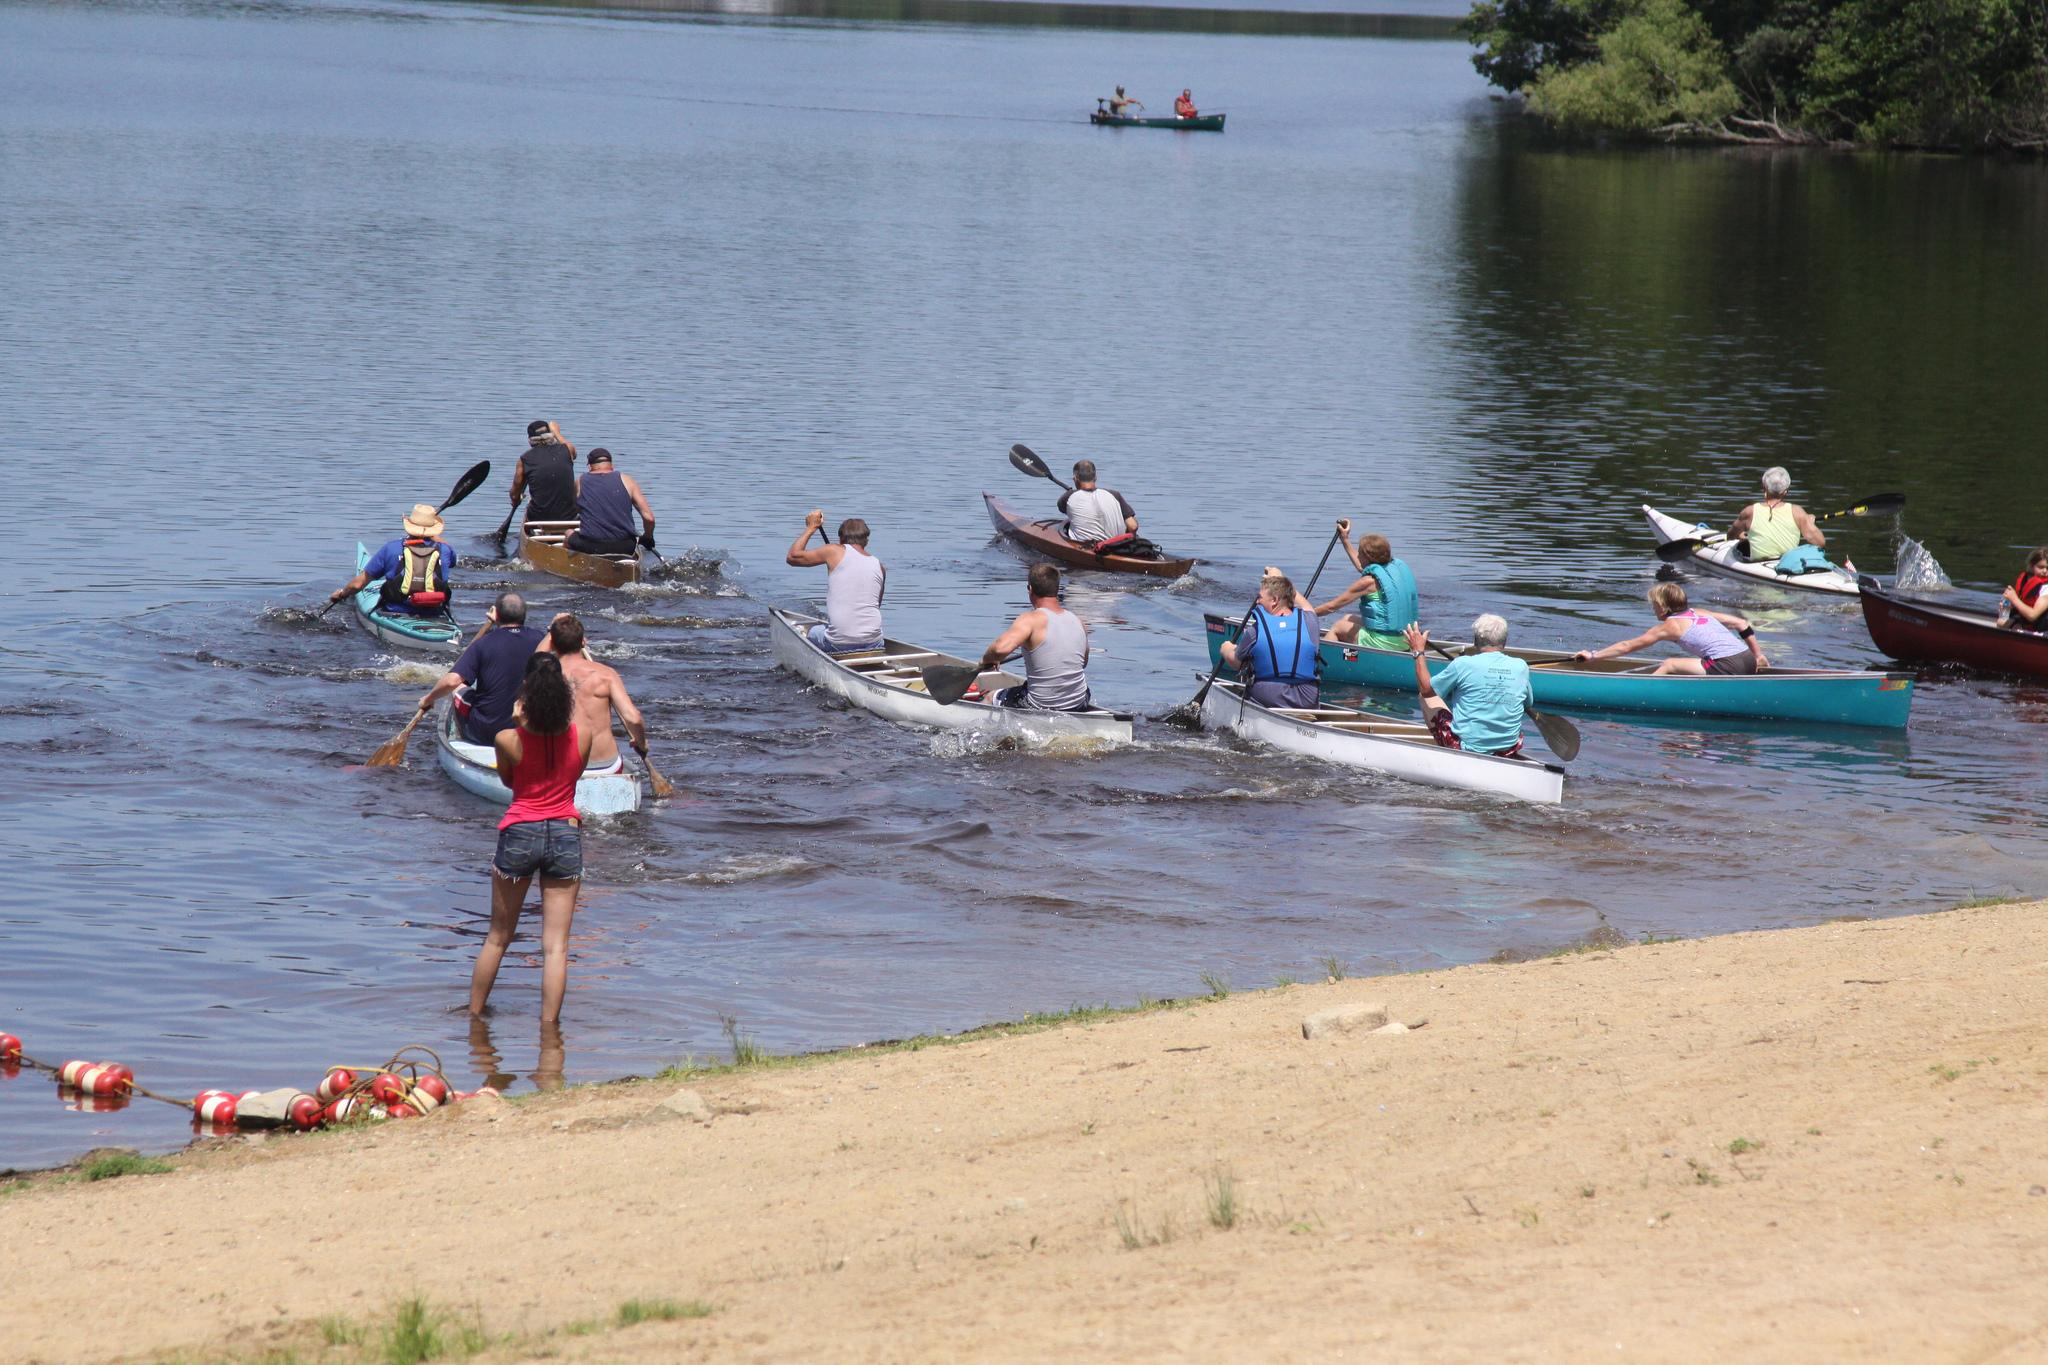 Kayak/Canoe Race